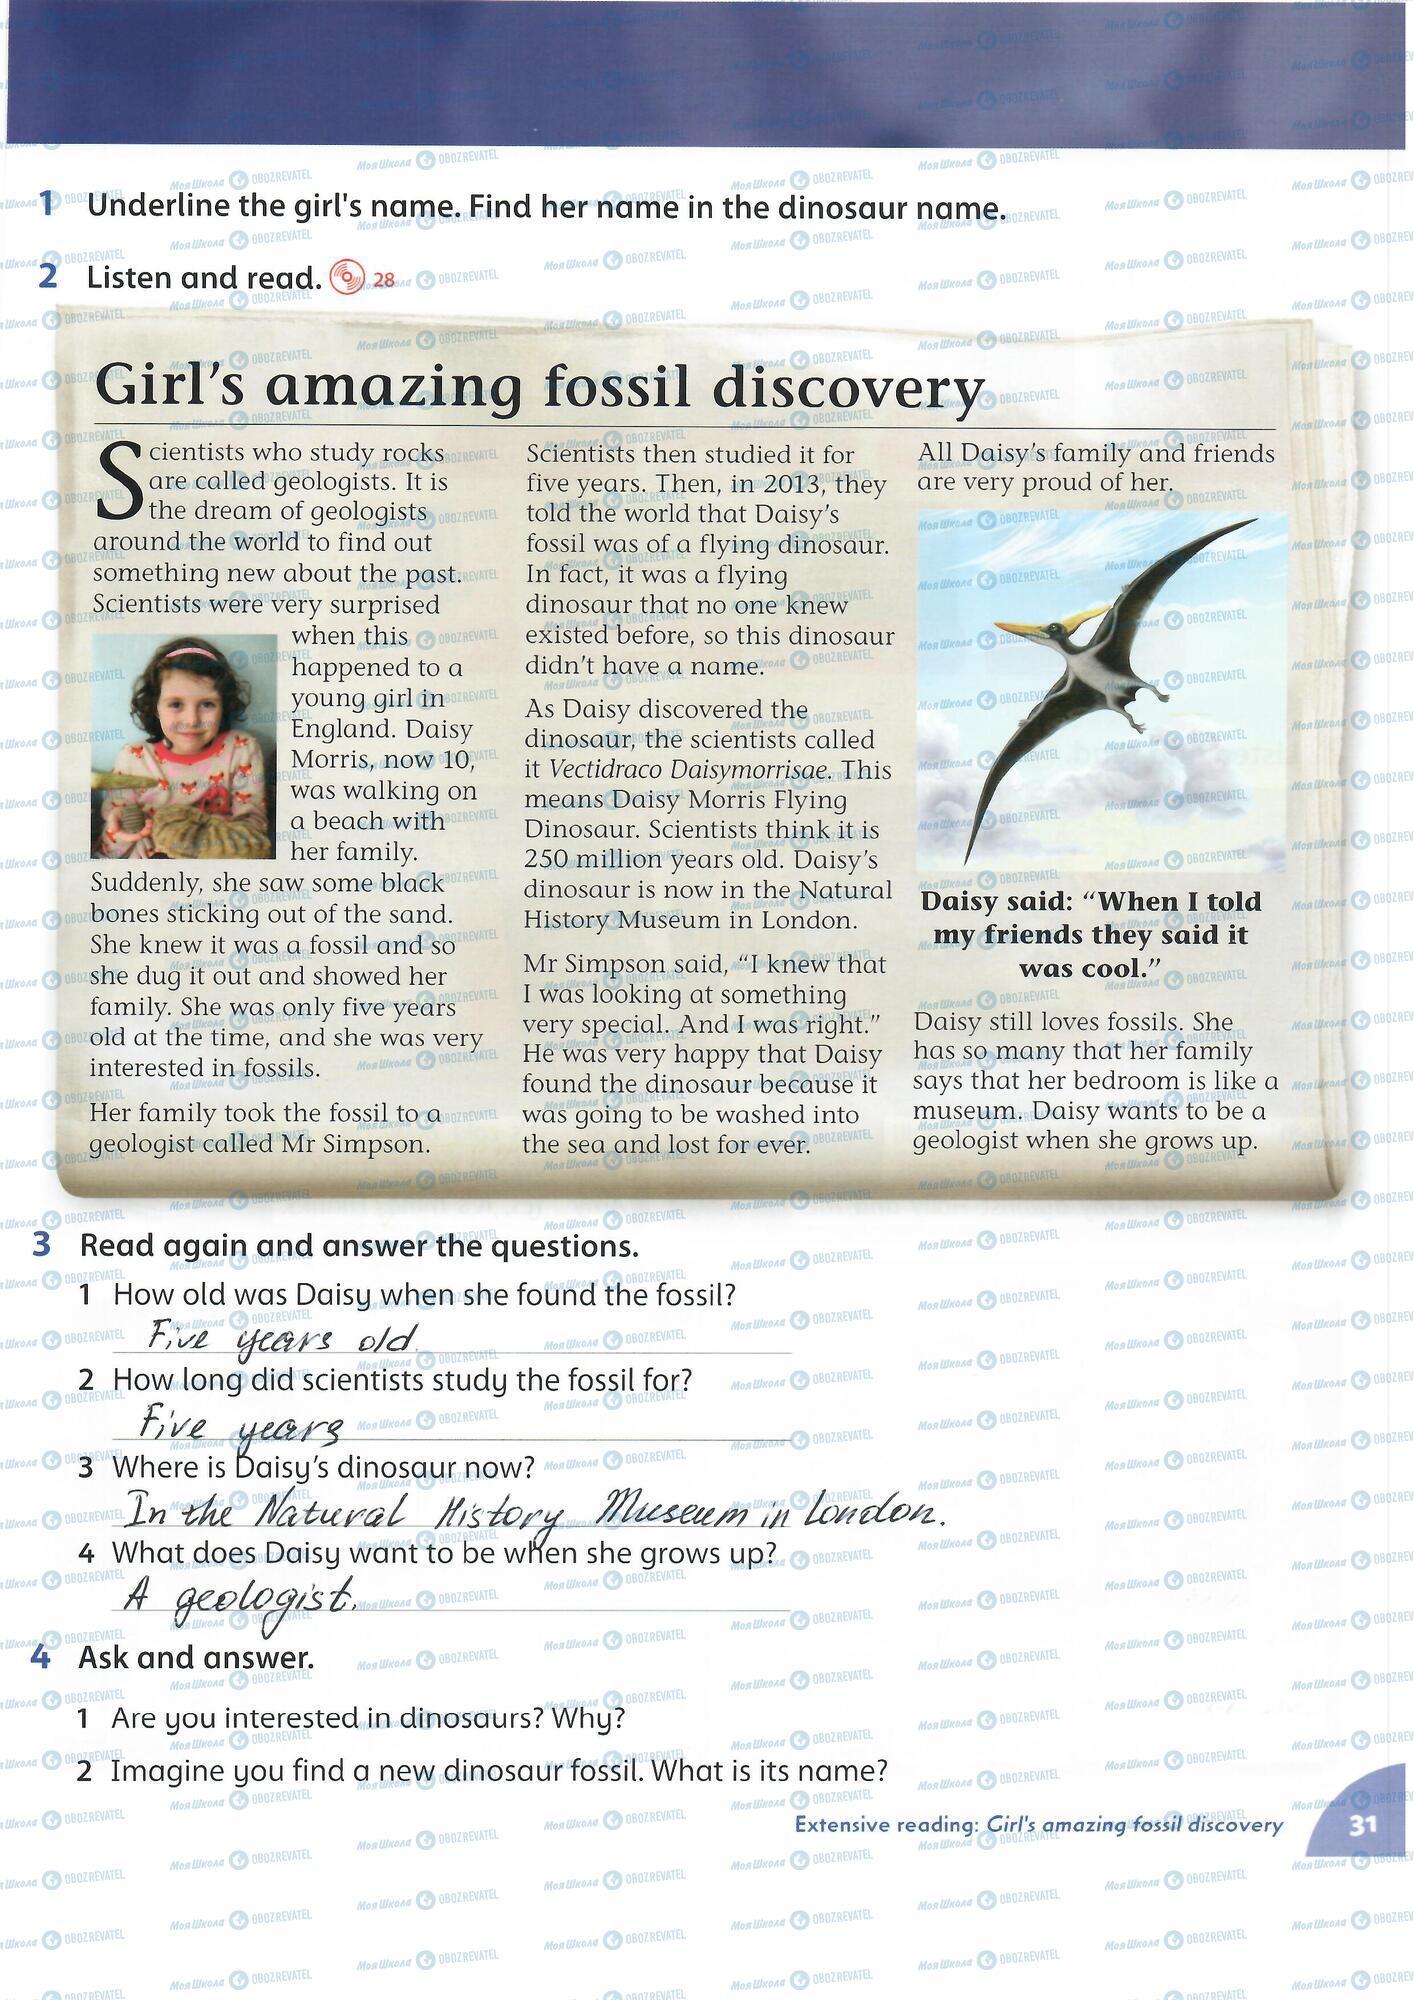 ГДЗ Английский язык 4 класс страница 31